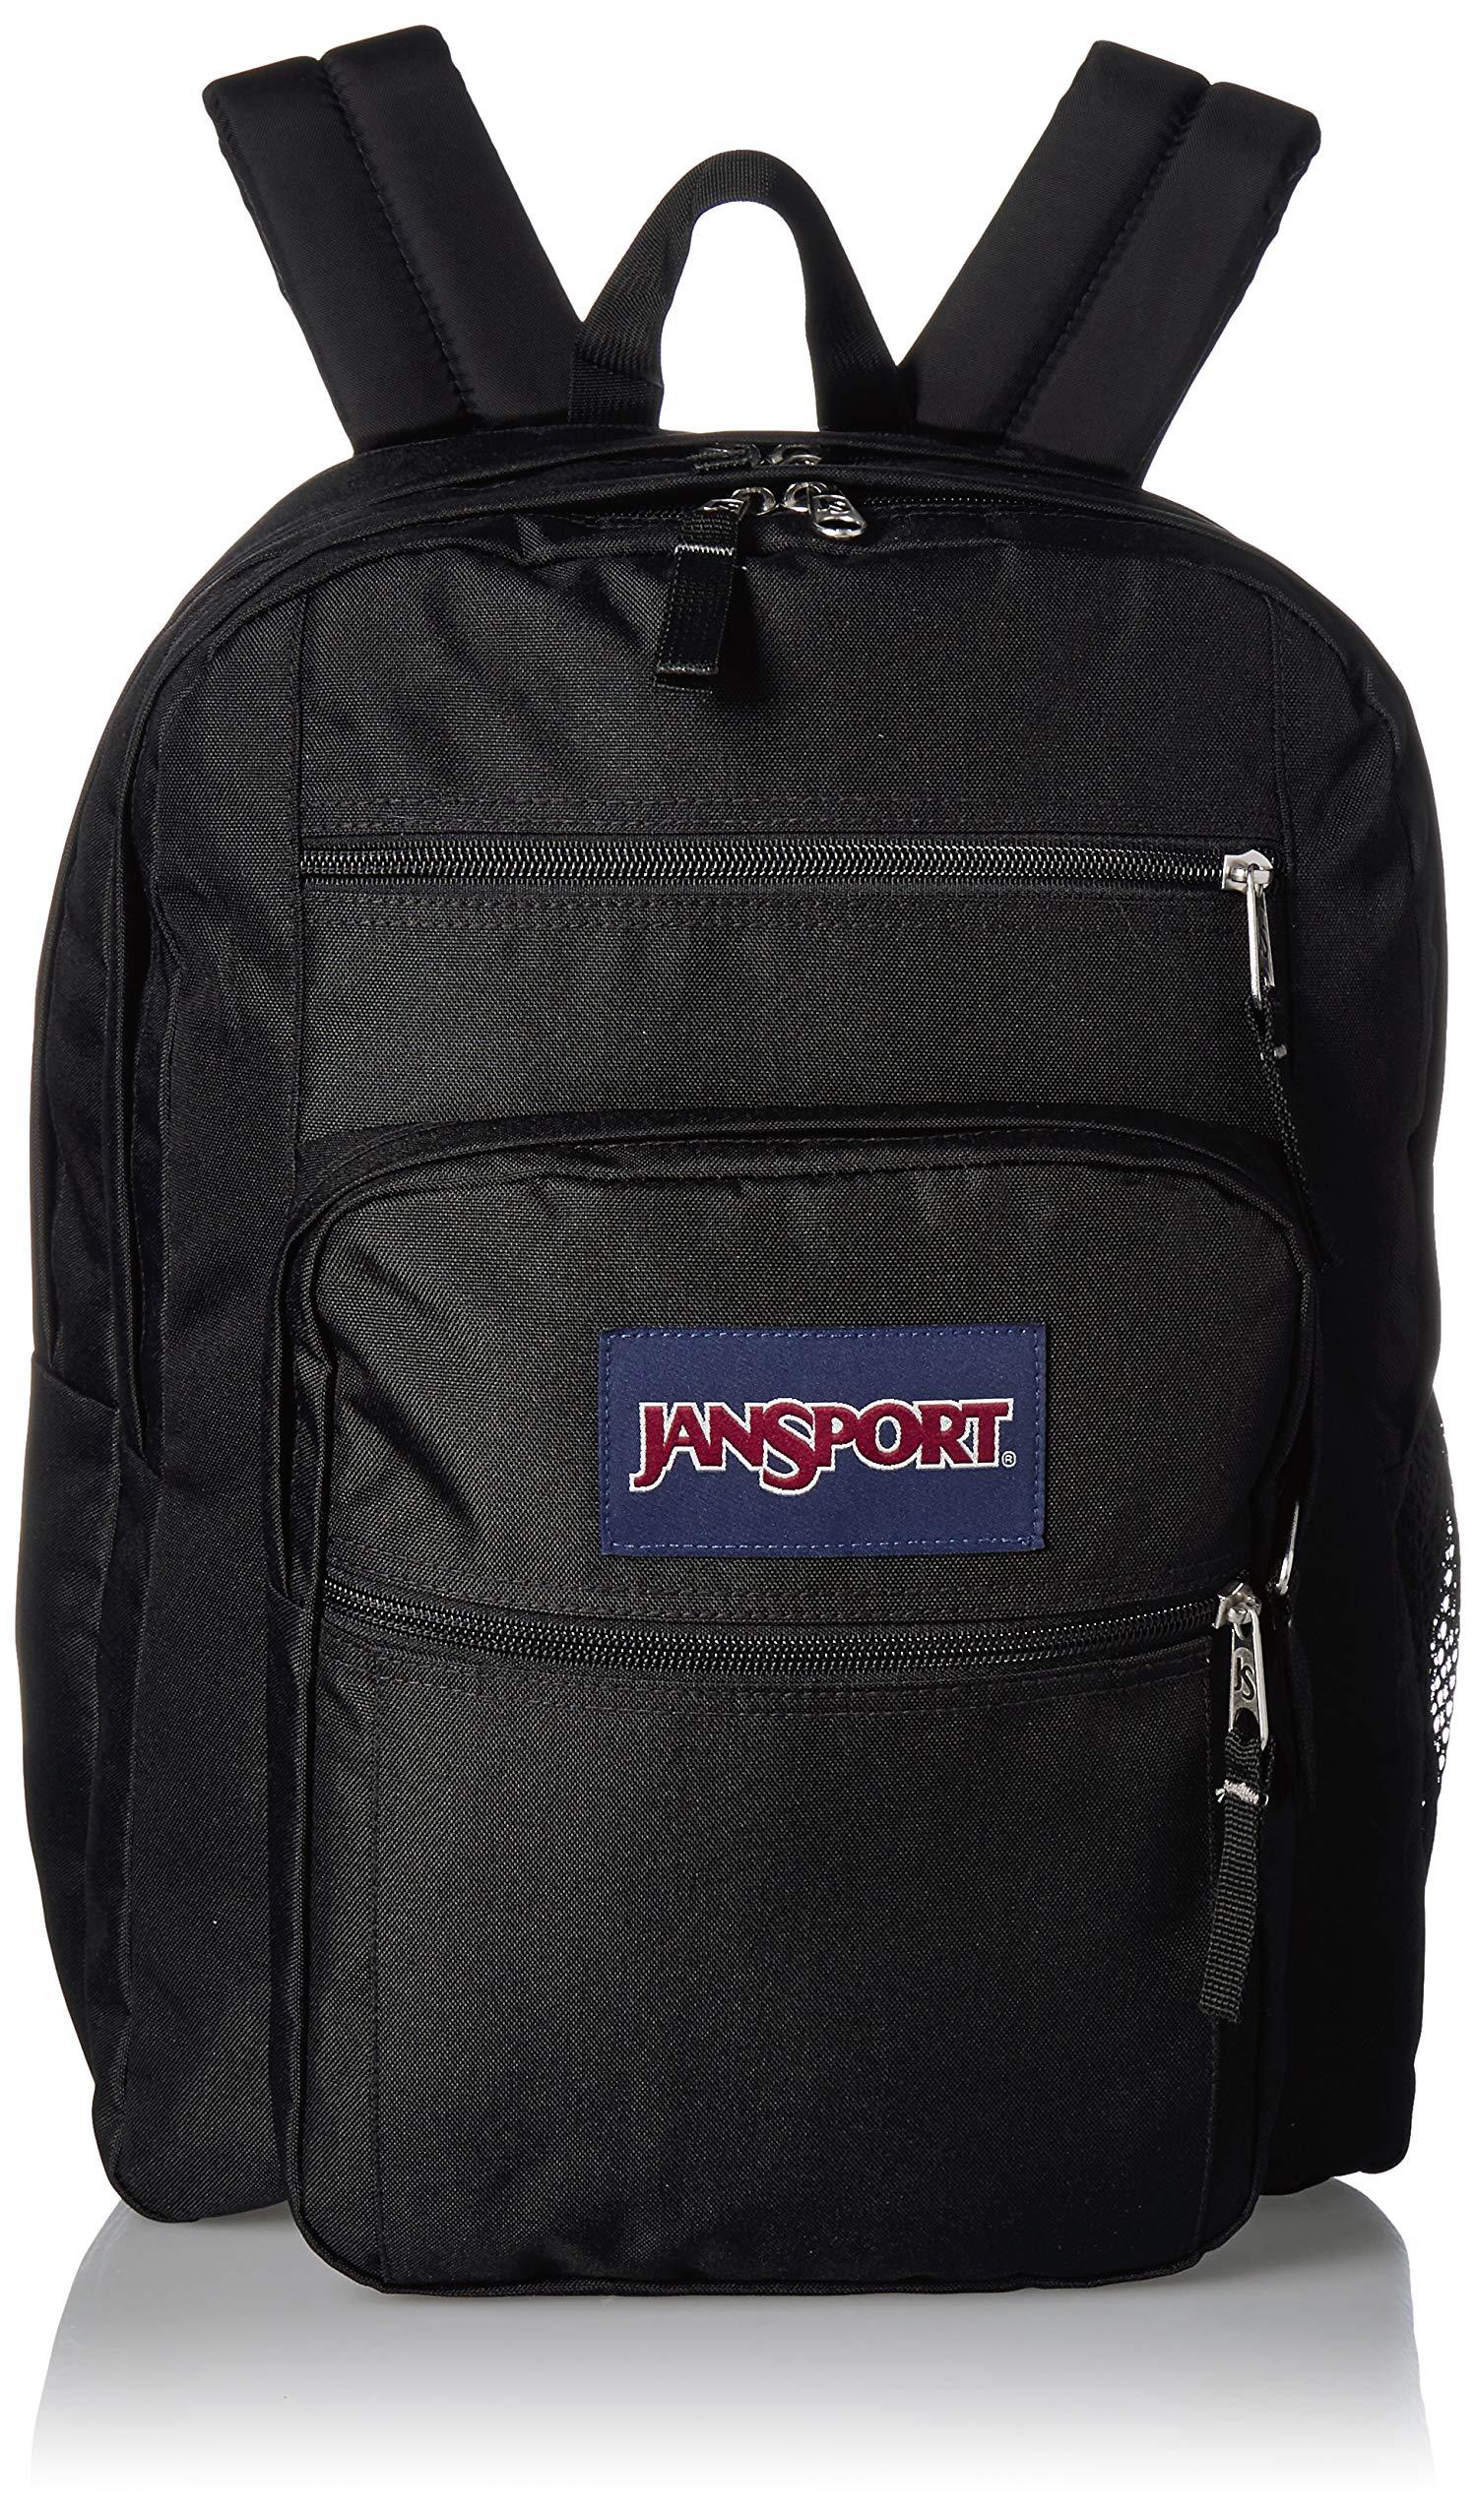 JanSport Big Student Backpack - 15-inch Laptop School Pack, Black by JanSport